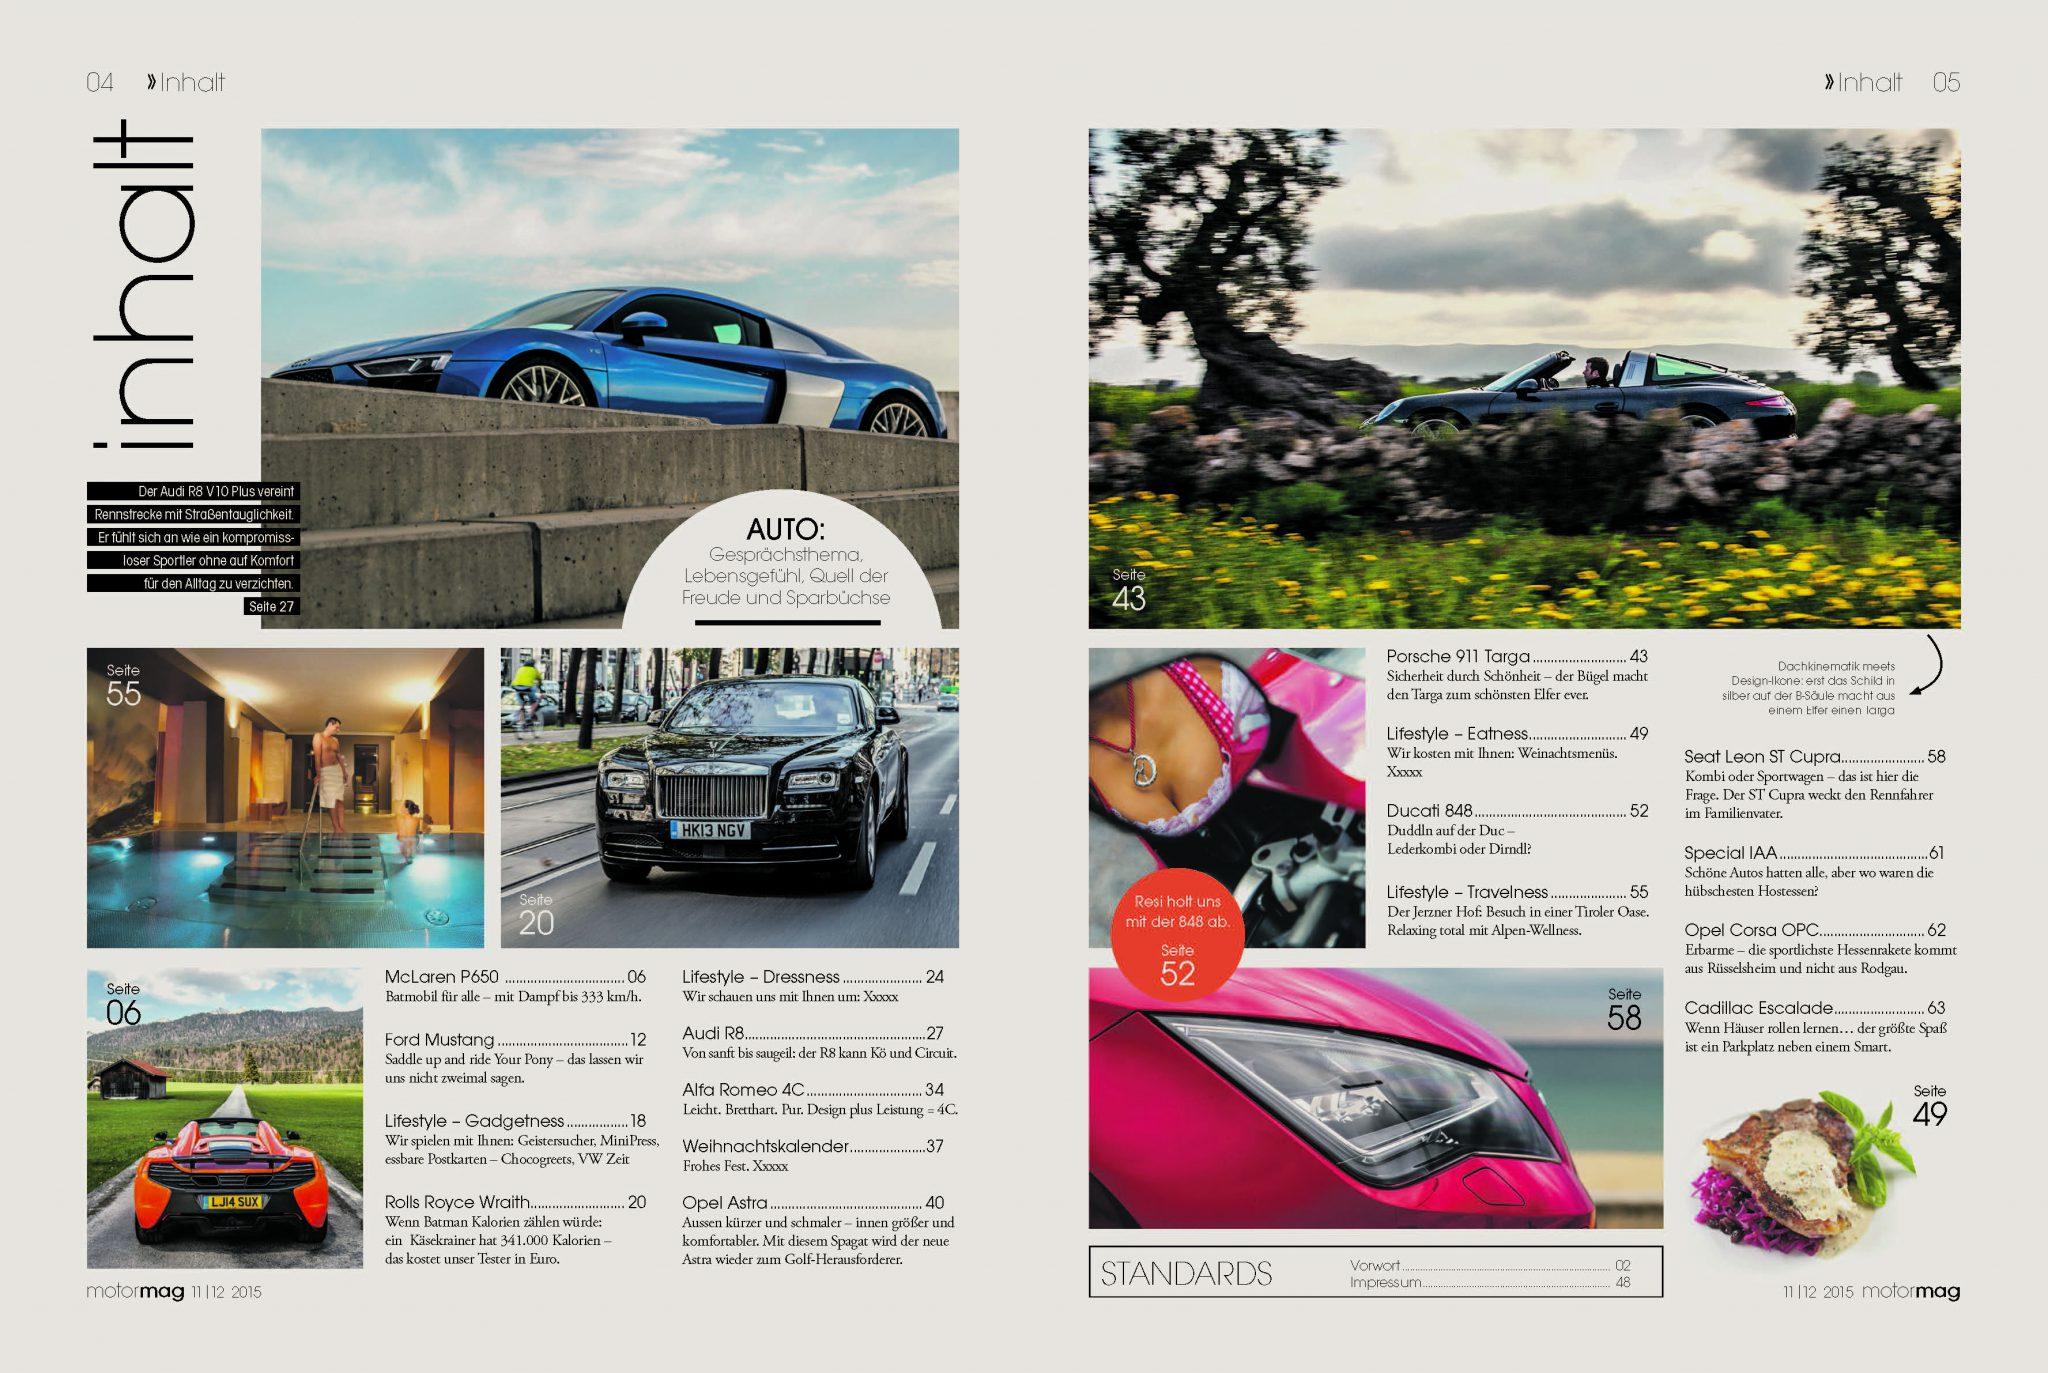 Der MotorMag Inhalt Ausgabe 01 im Überblick